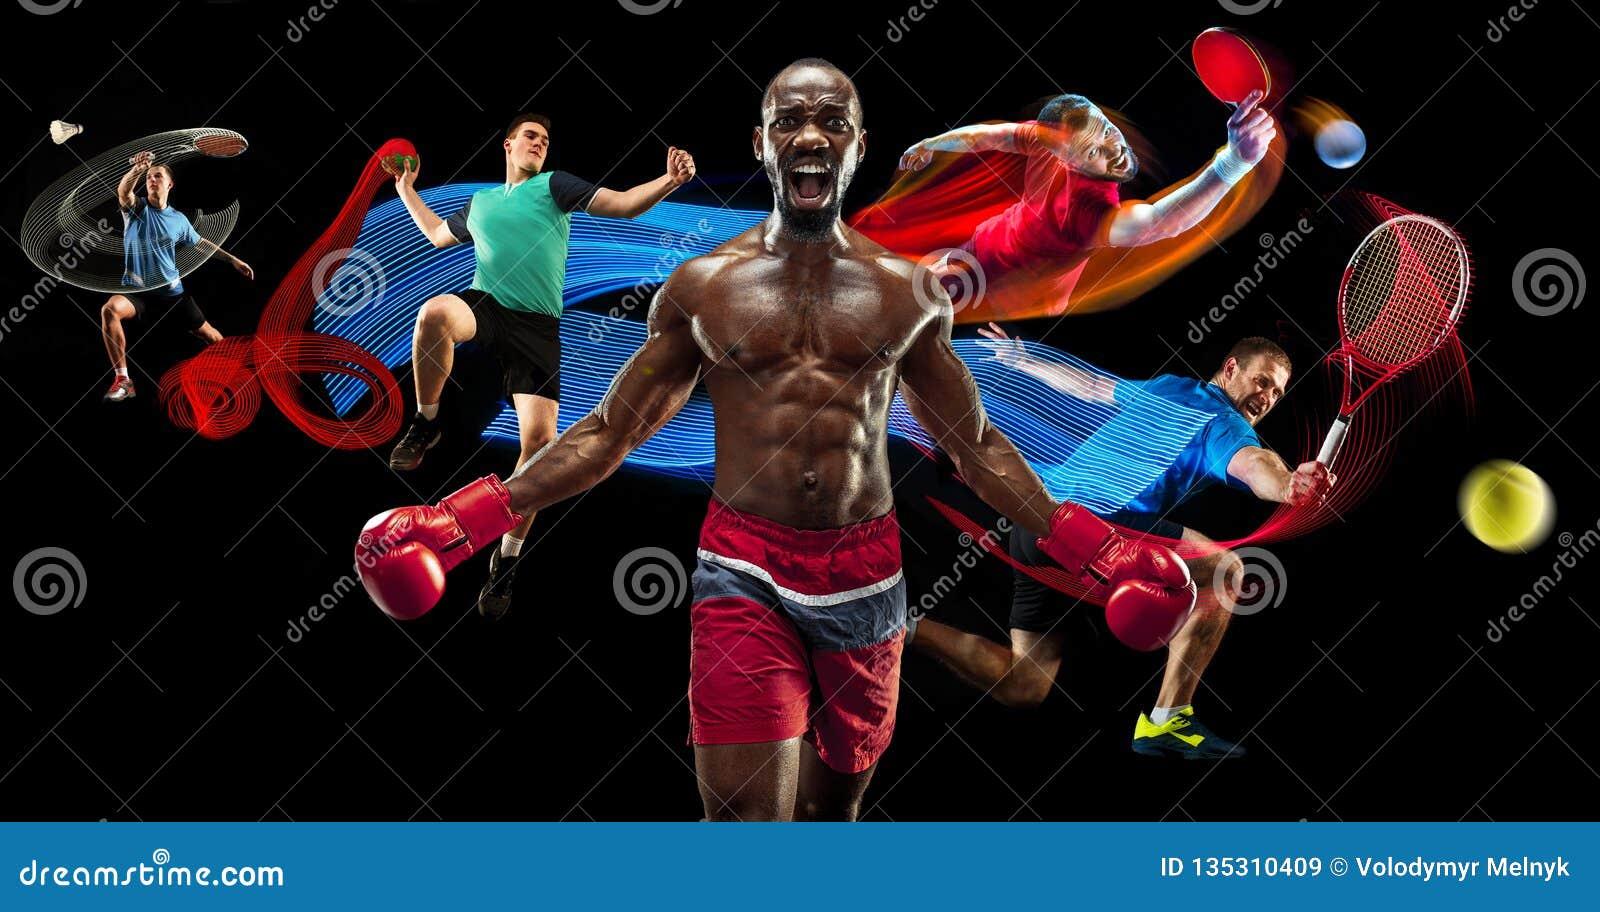 приложения Коллаж спорта об игроках бадминтона, тенниса, бокса и гандбола